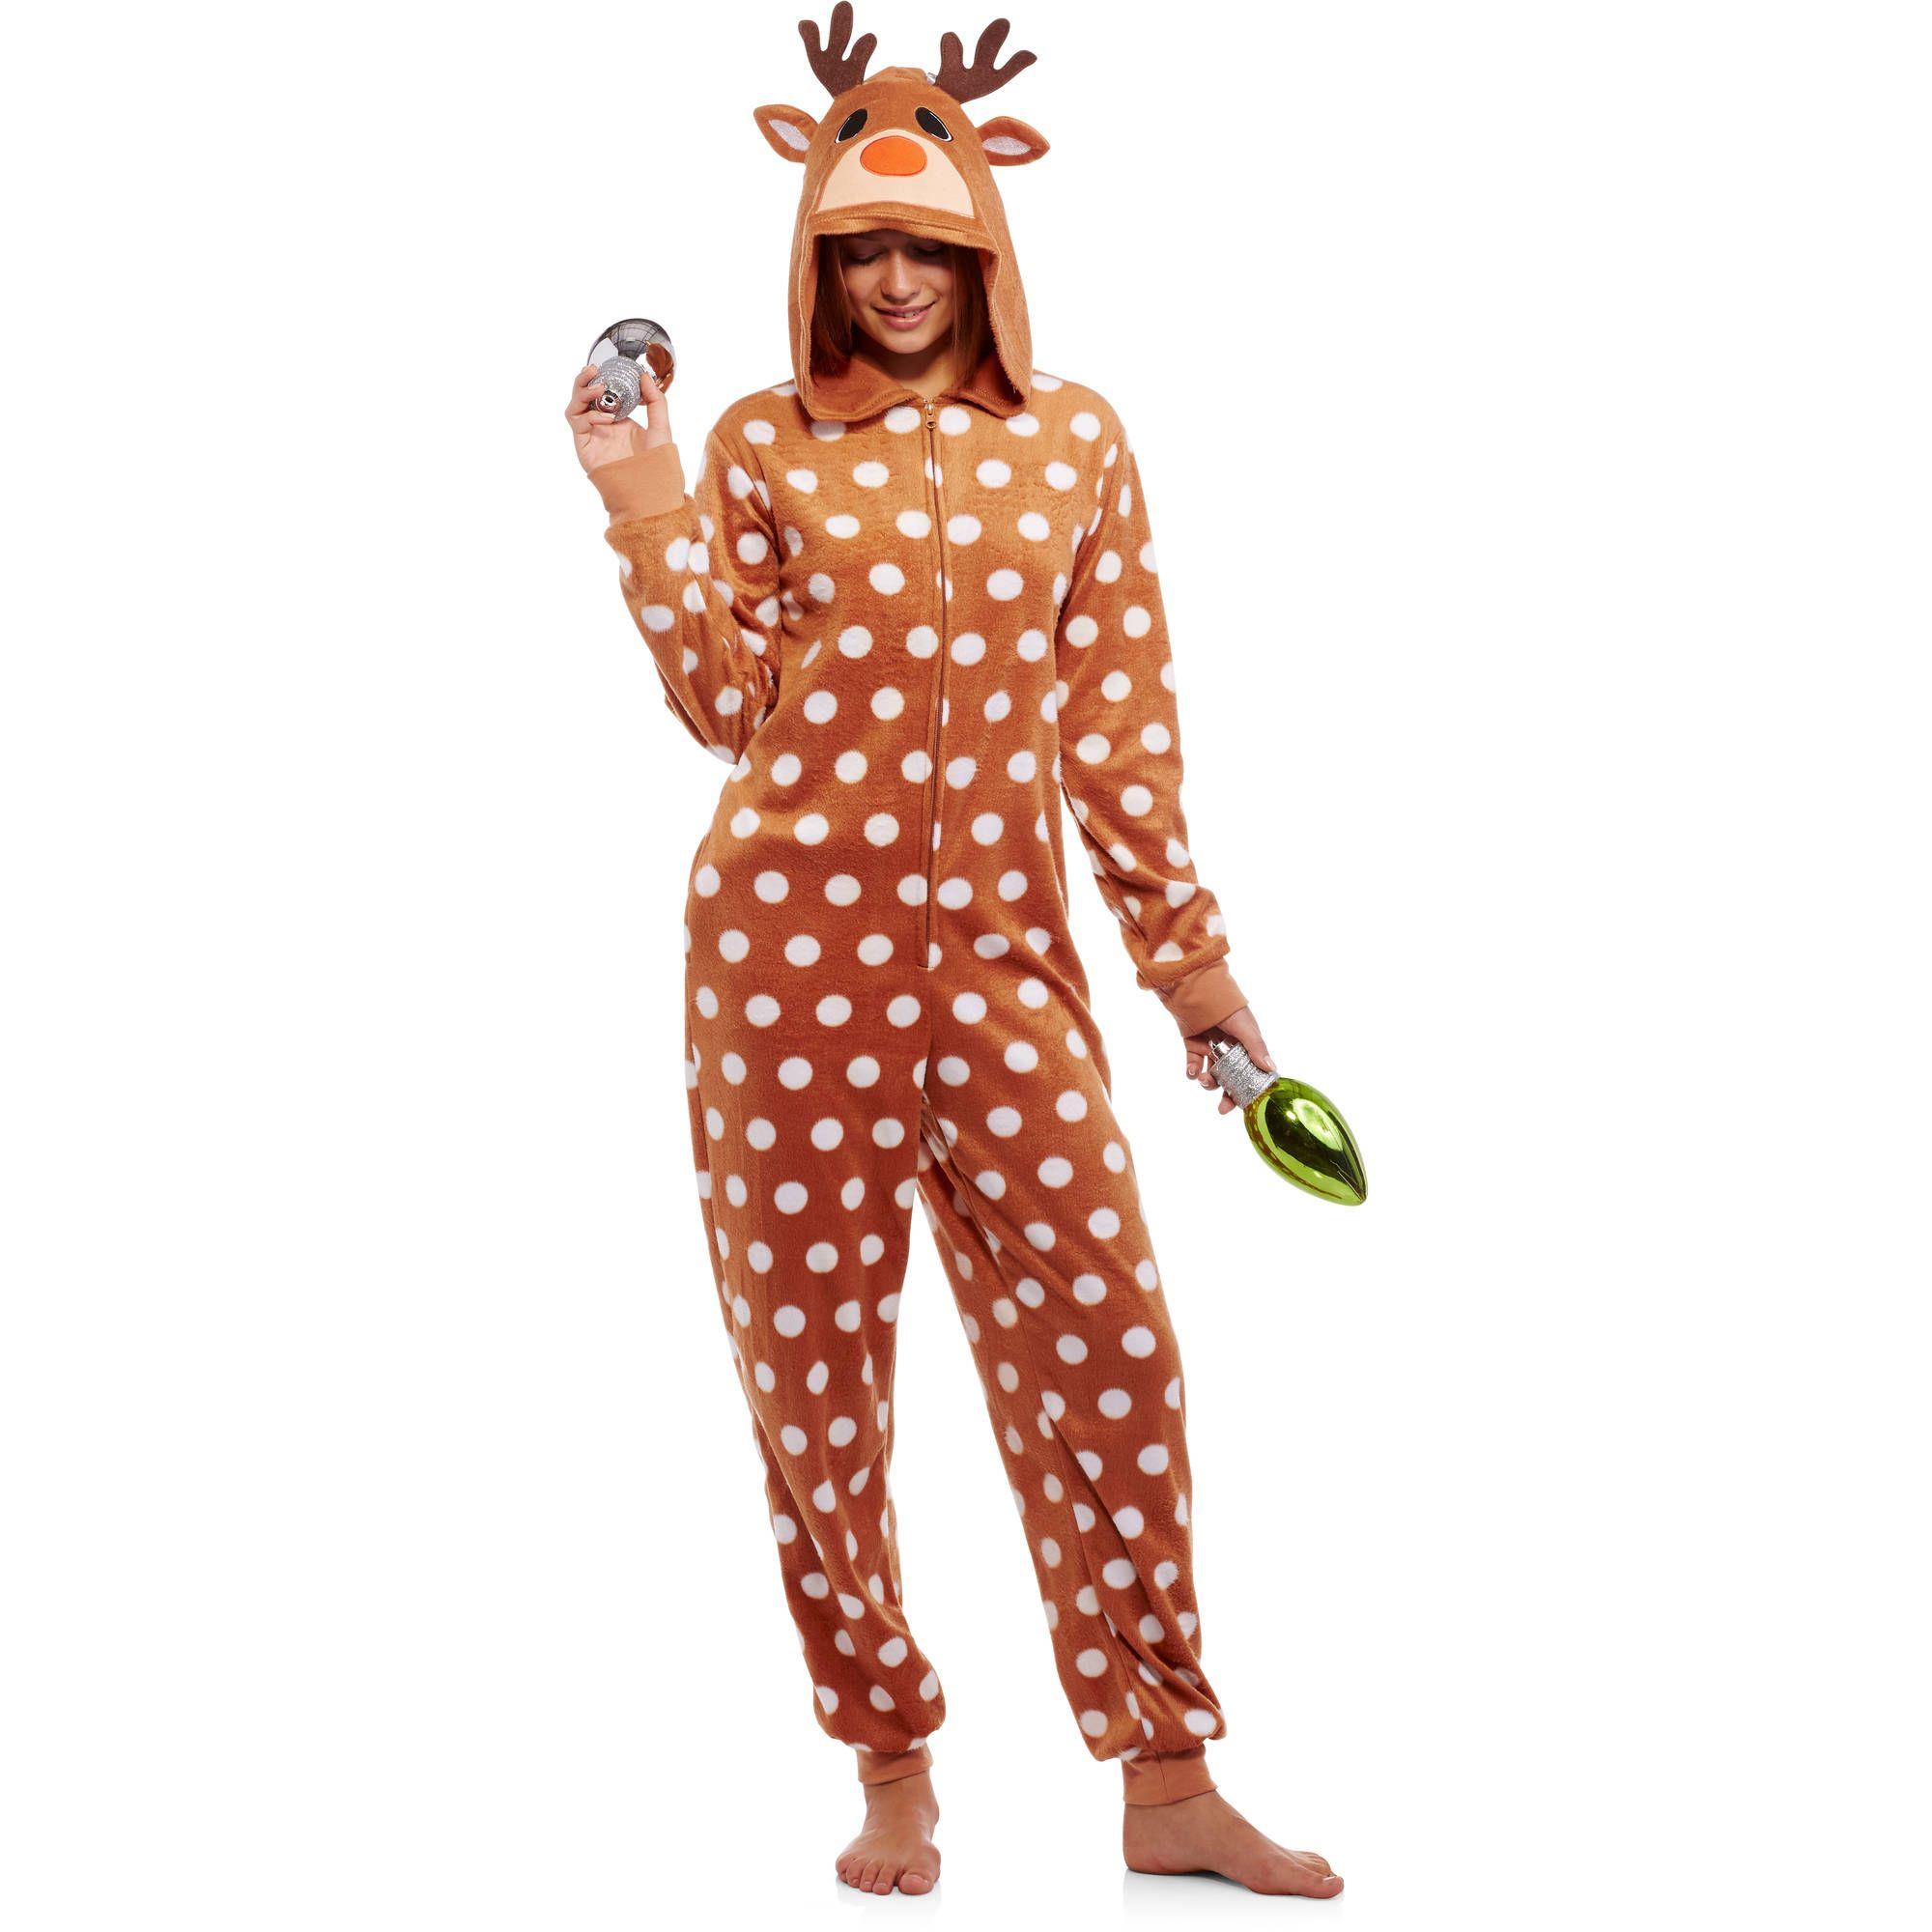 Toys Union suit pajamas, Onesie costumes, Holiday pajamas